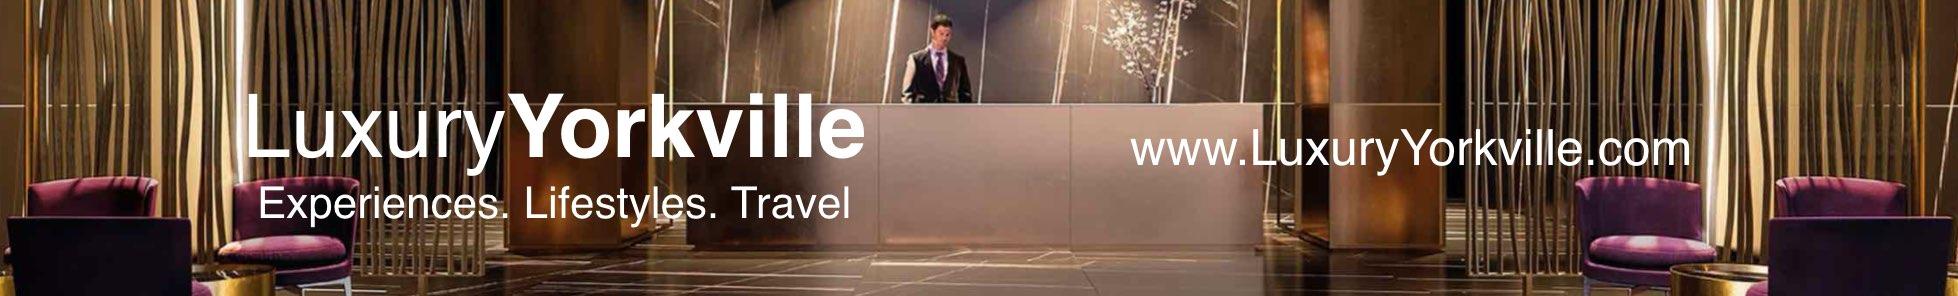 LuxuryYorkville Ad 03